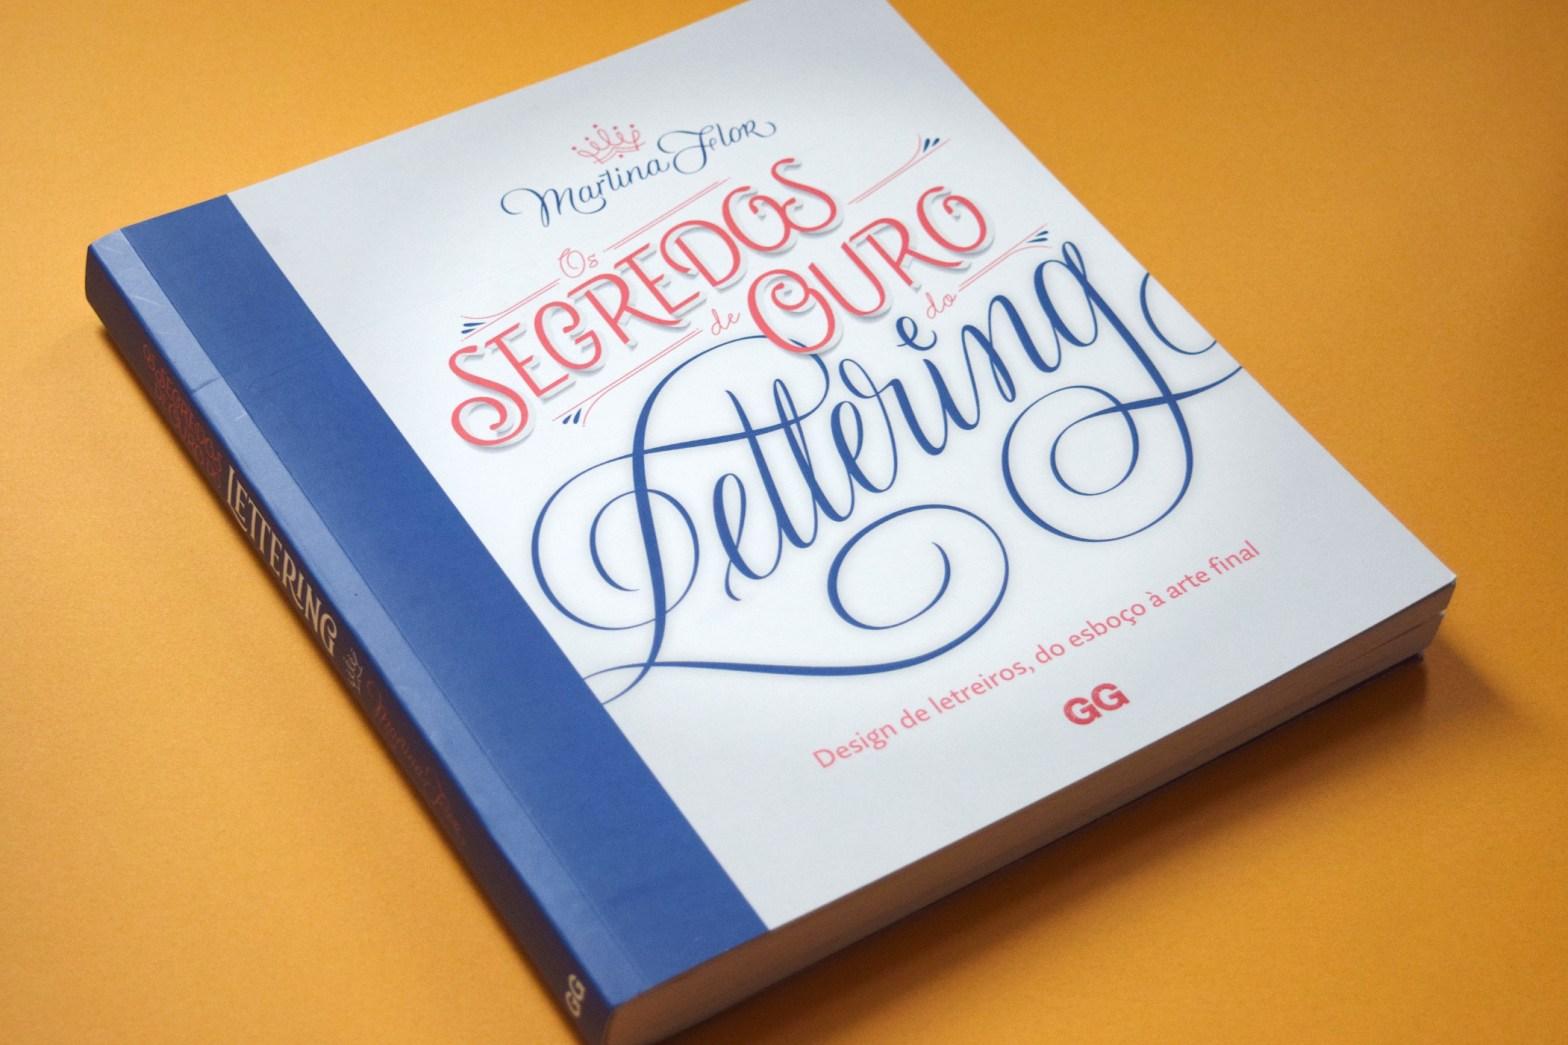 """Capa e lombada do livro """"Os segredos de ouro do lettering"""", de Martina Flor"""